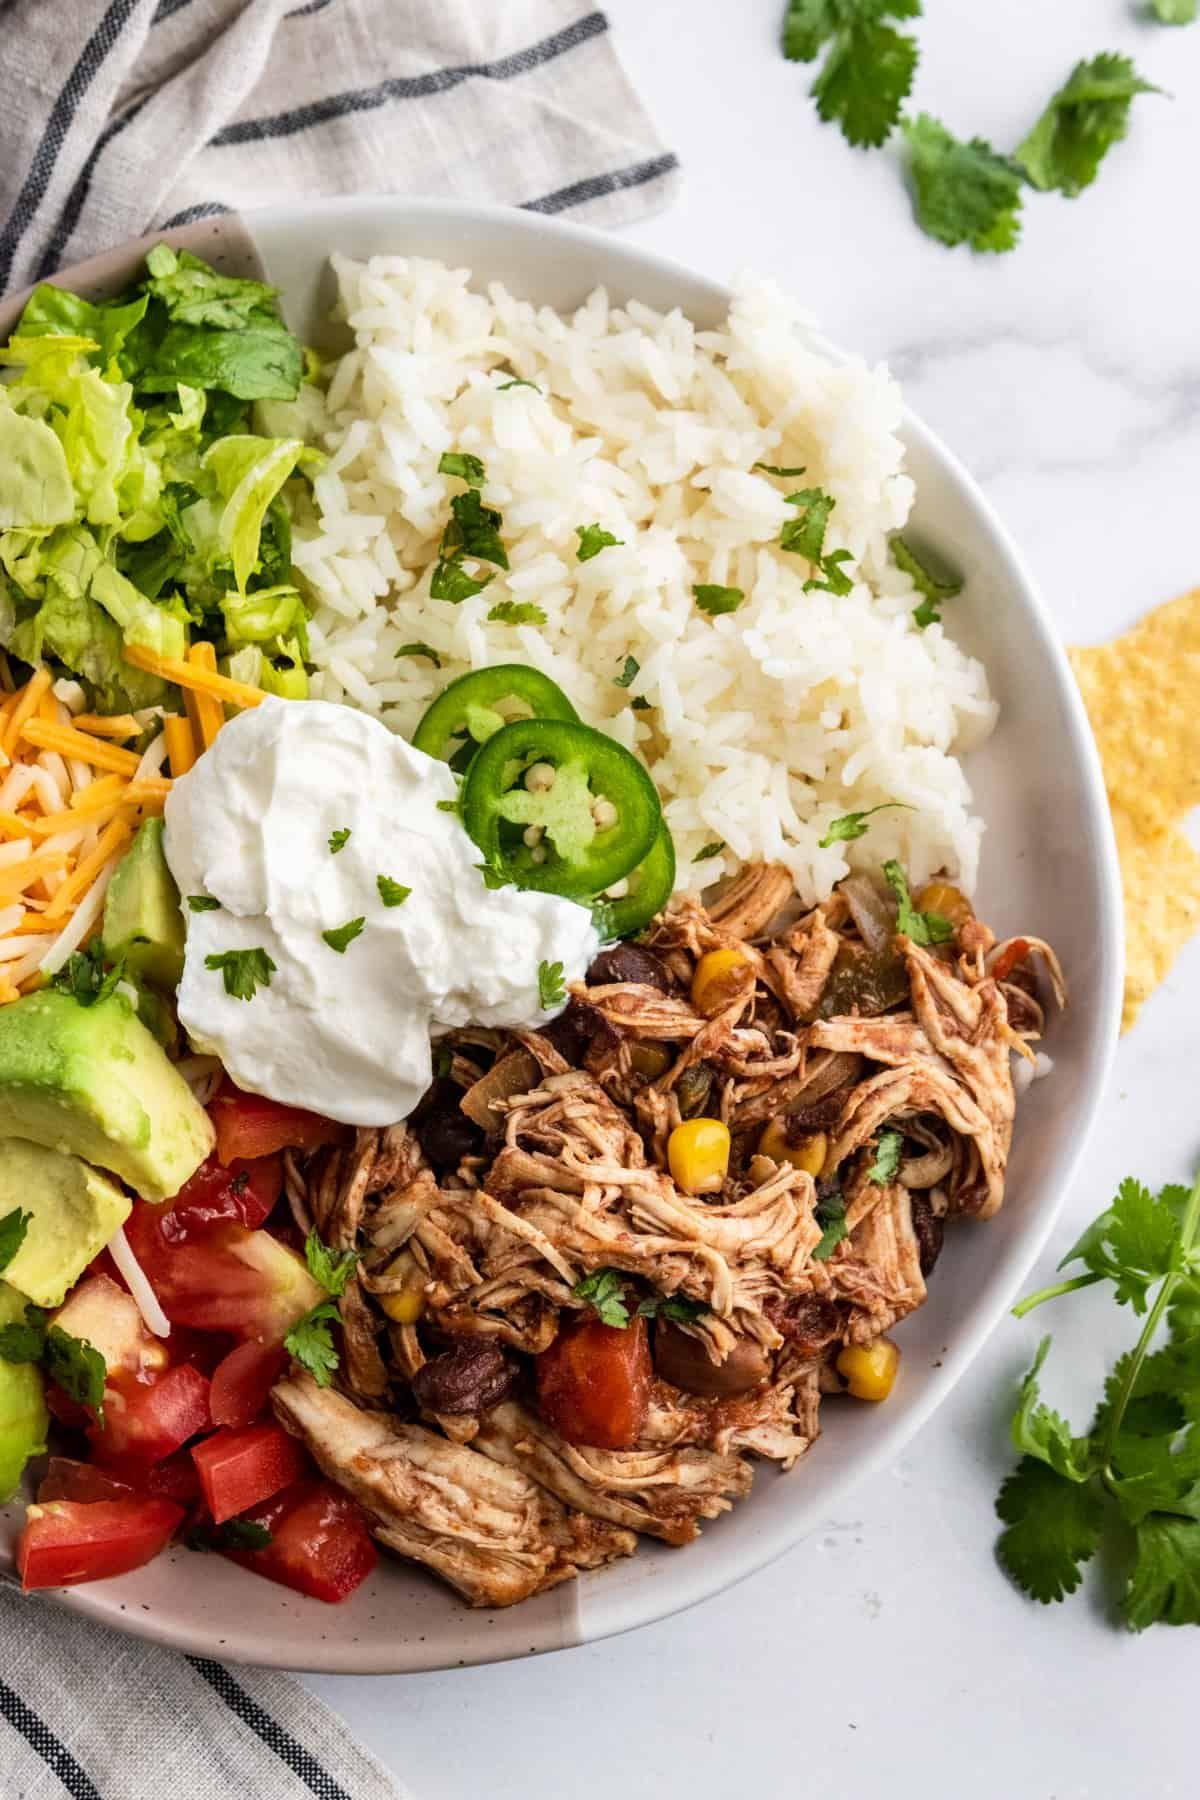 Slow Cooker Chicken Burrito Bowls #slowcooker #chicken #burrito #bowl #mexicanrecipe #blackbean #chilepepper #dinner #dinnerrecipe #rice | Lemons + Zest